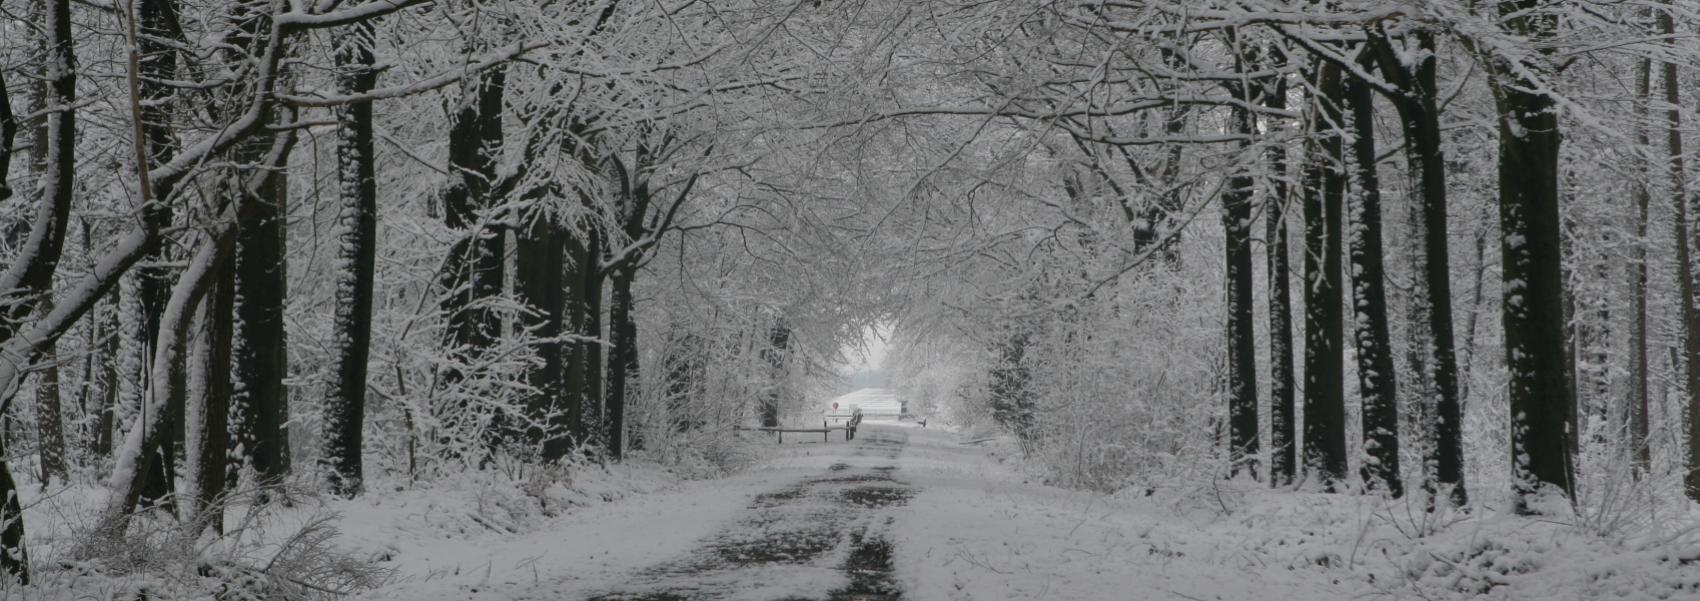 de hoofddreef in een winters kleedje gestopt